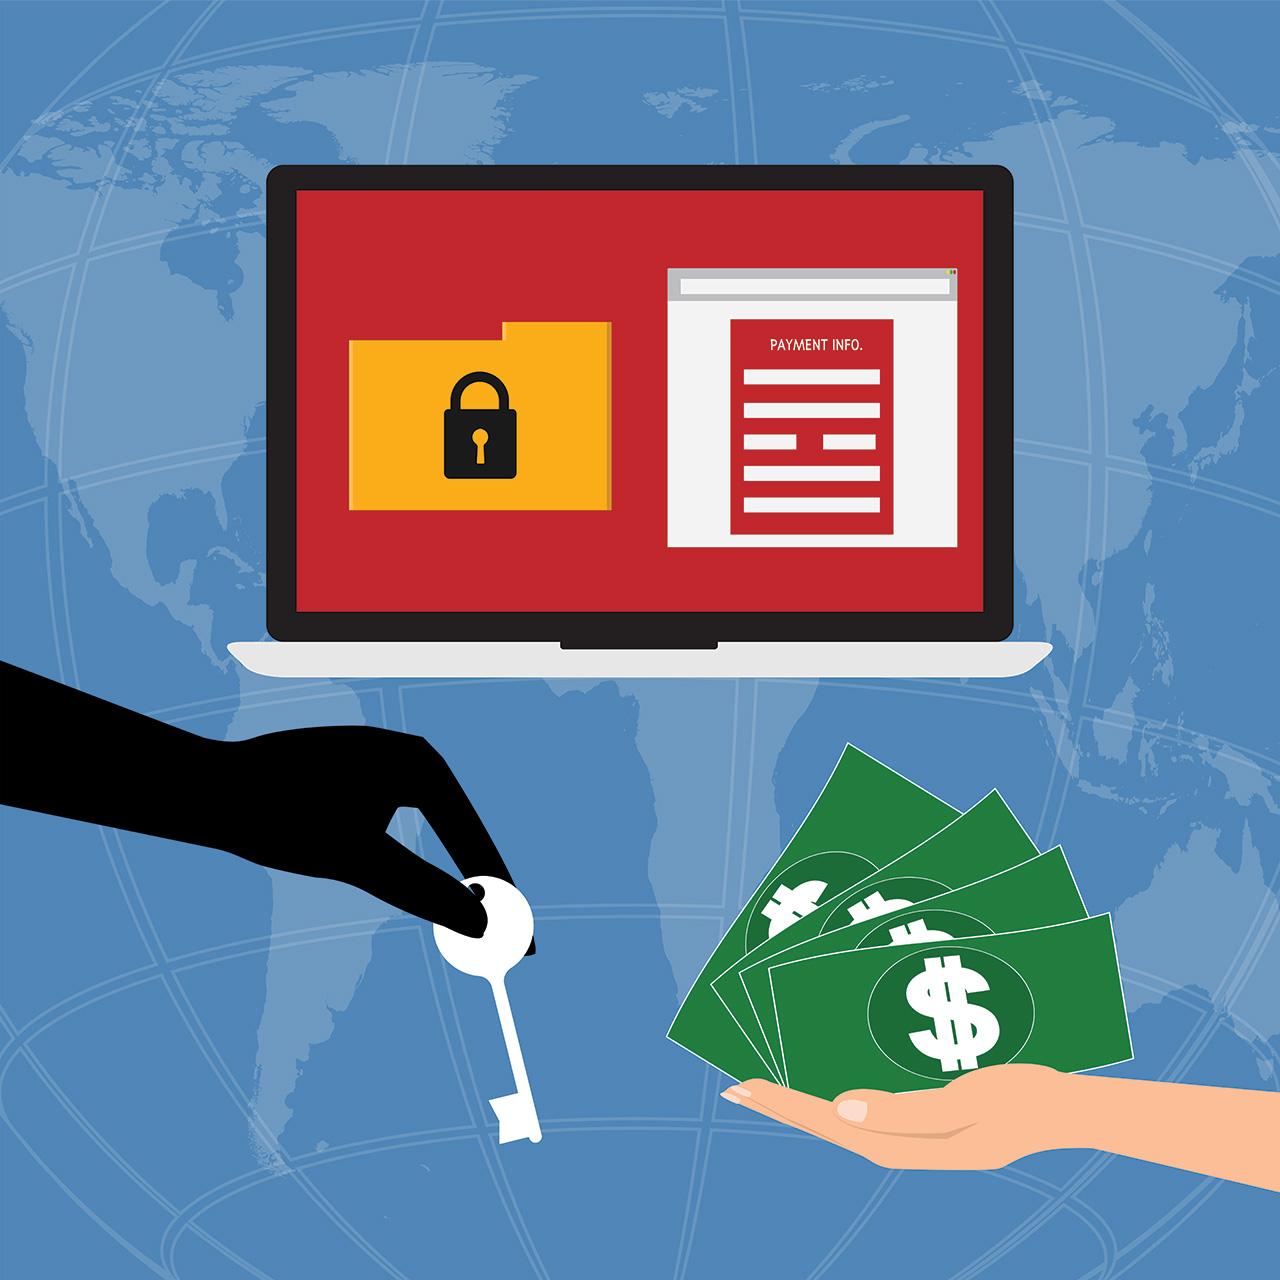 加密勒索軟件攻防網絡研討會 – 4月25日